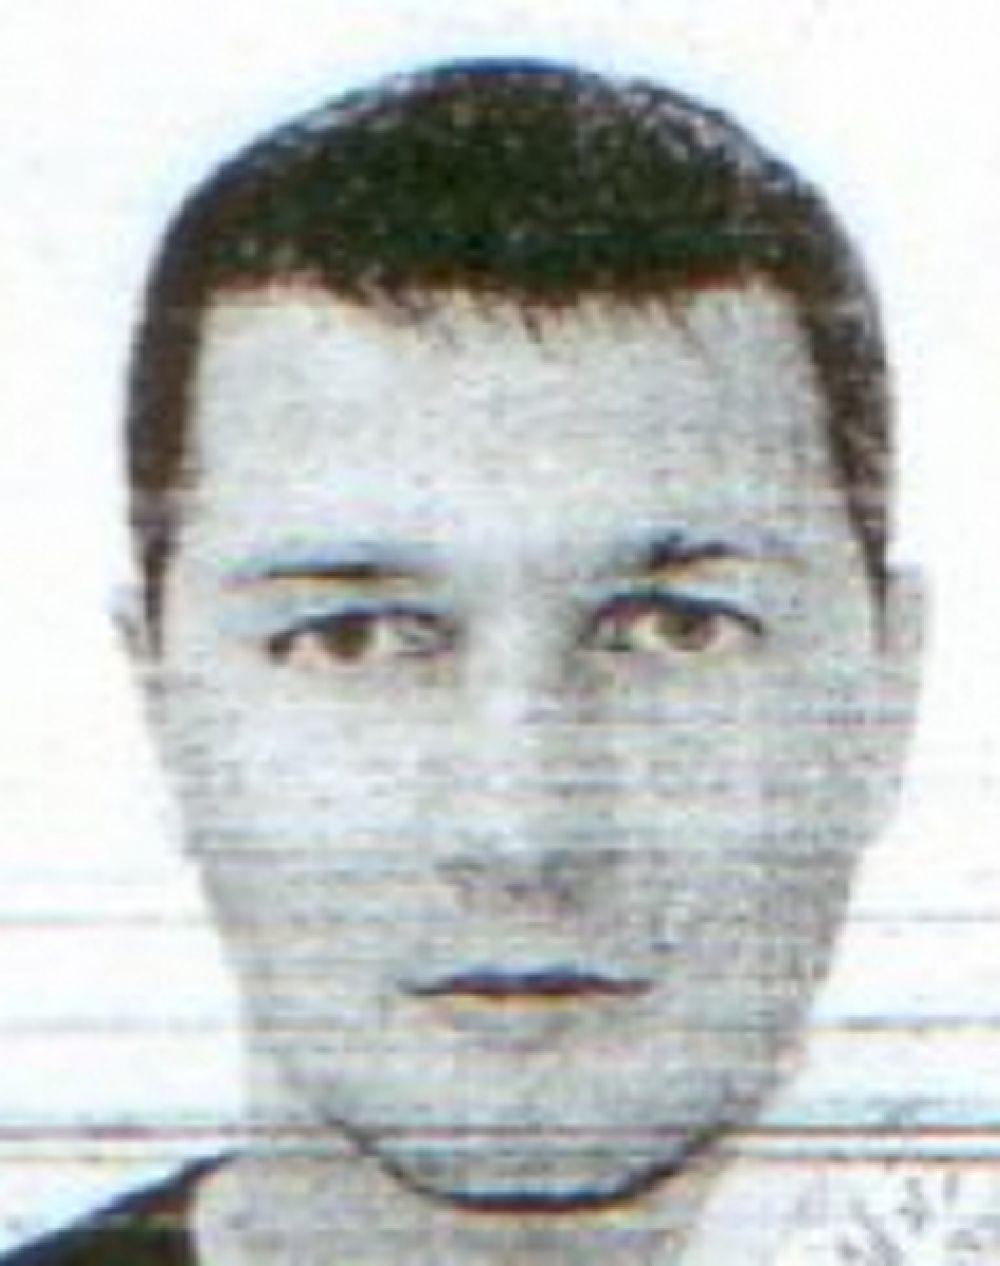 Владимир Шестерин, 1977 года рождения. Мужчина входил в состав преступной группировки, занимавшейся разбоями и убийствами. Также он причастен к заказному убийству 2009 года в Советском районе города Волгограда.